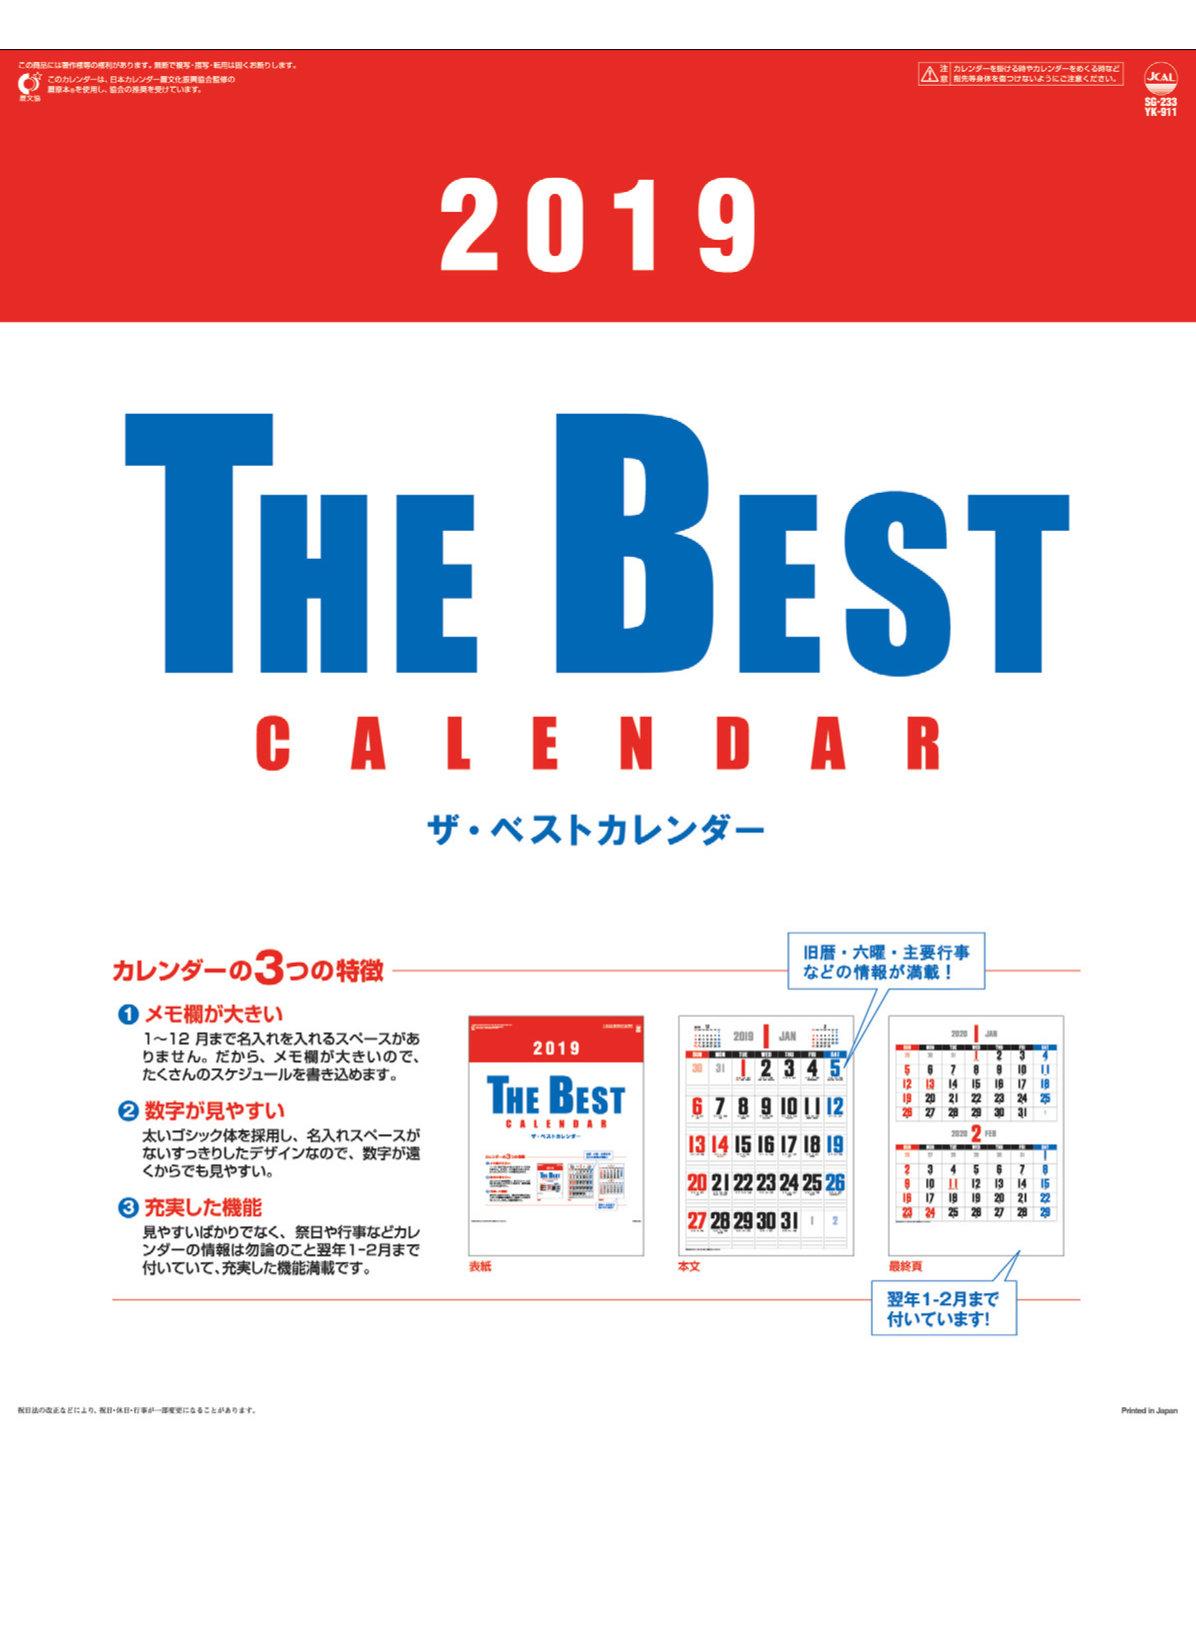 表紙 ザ・ベストカレンダー 2019年カレンダーの画像